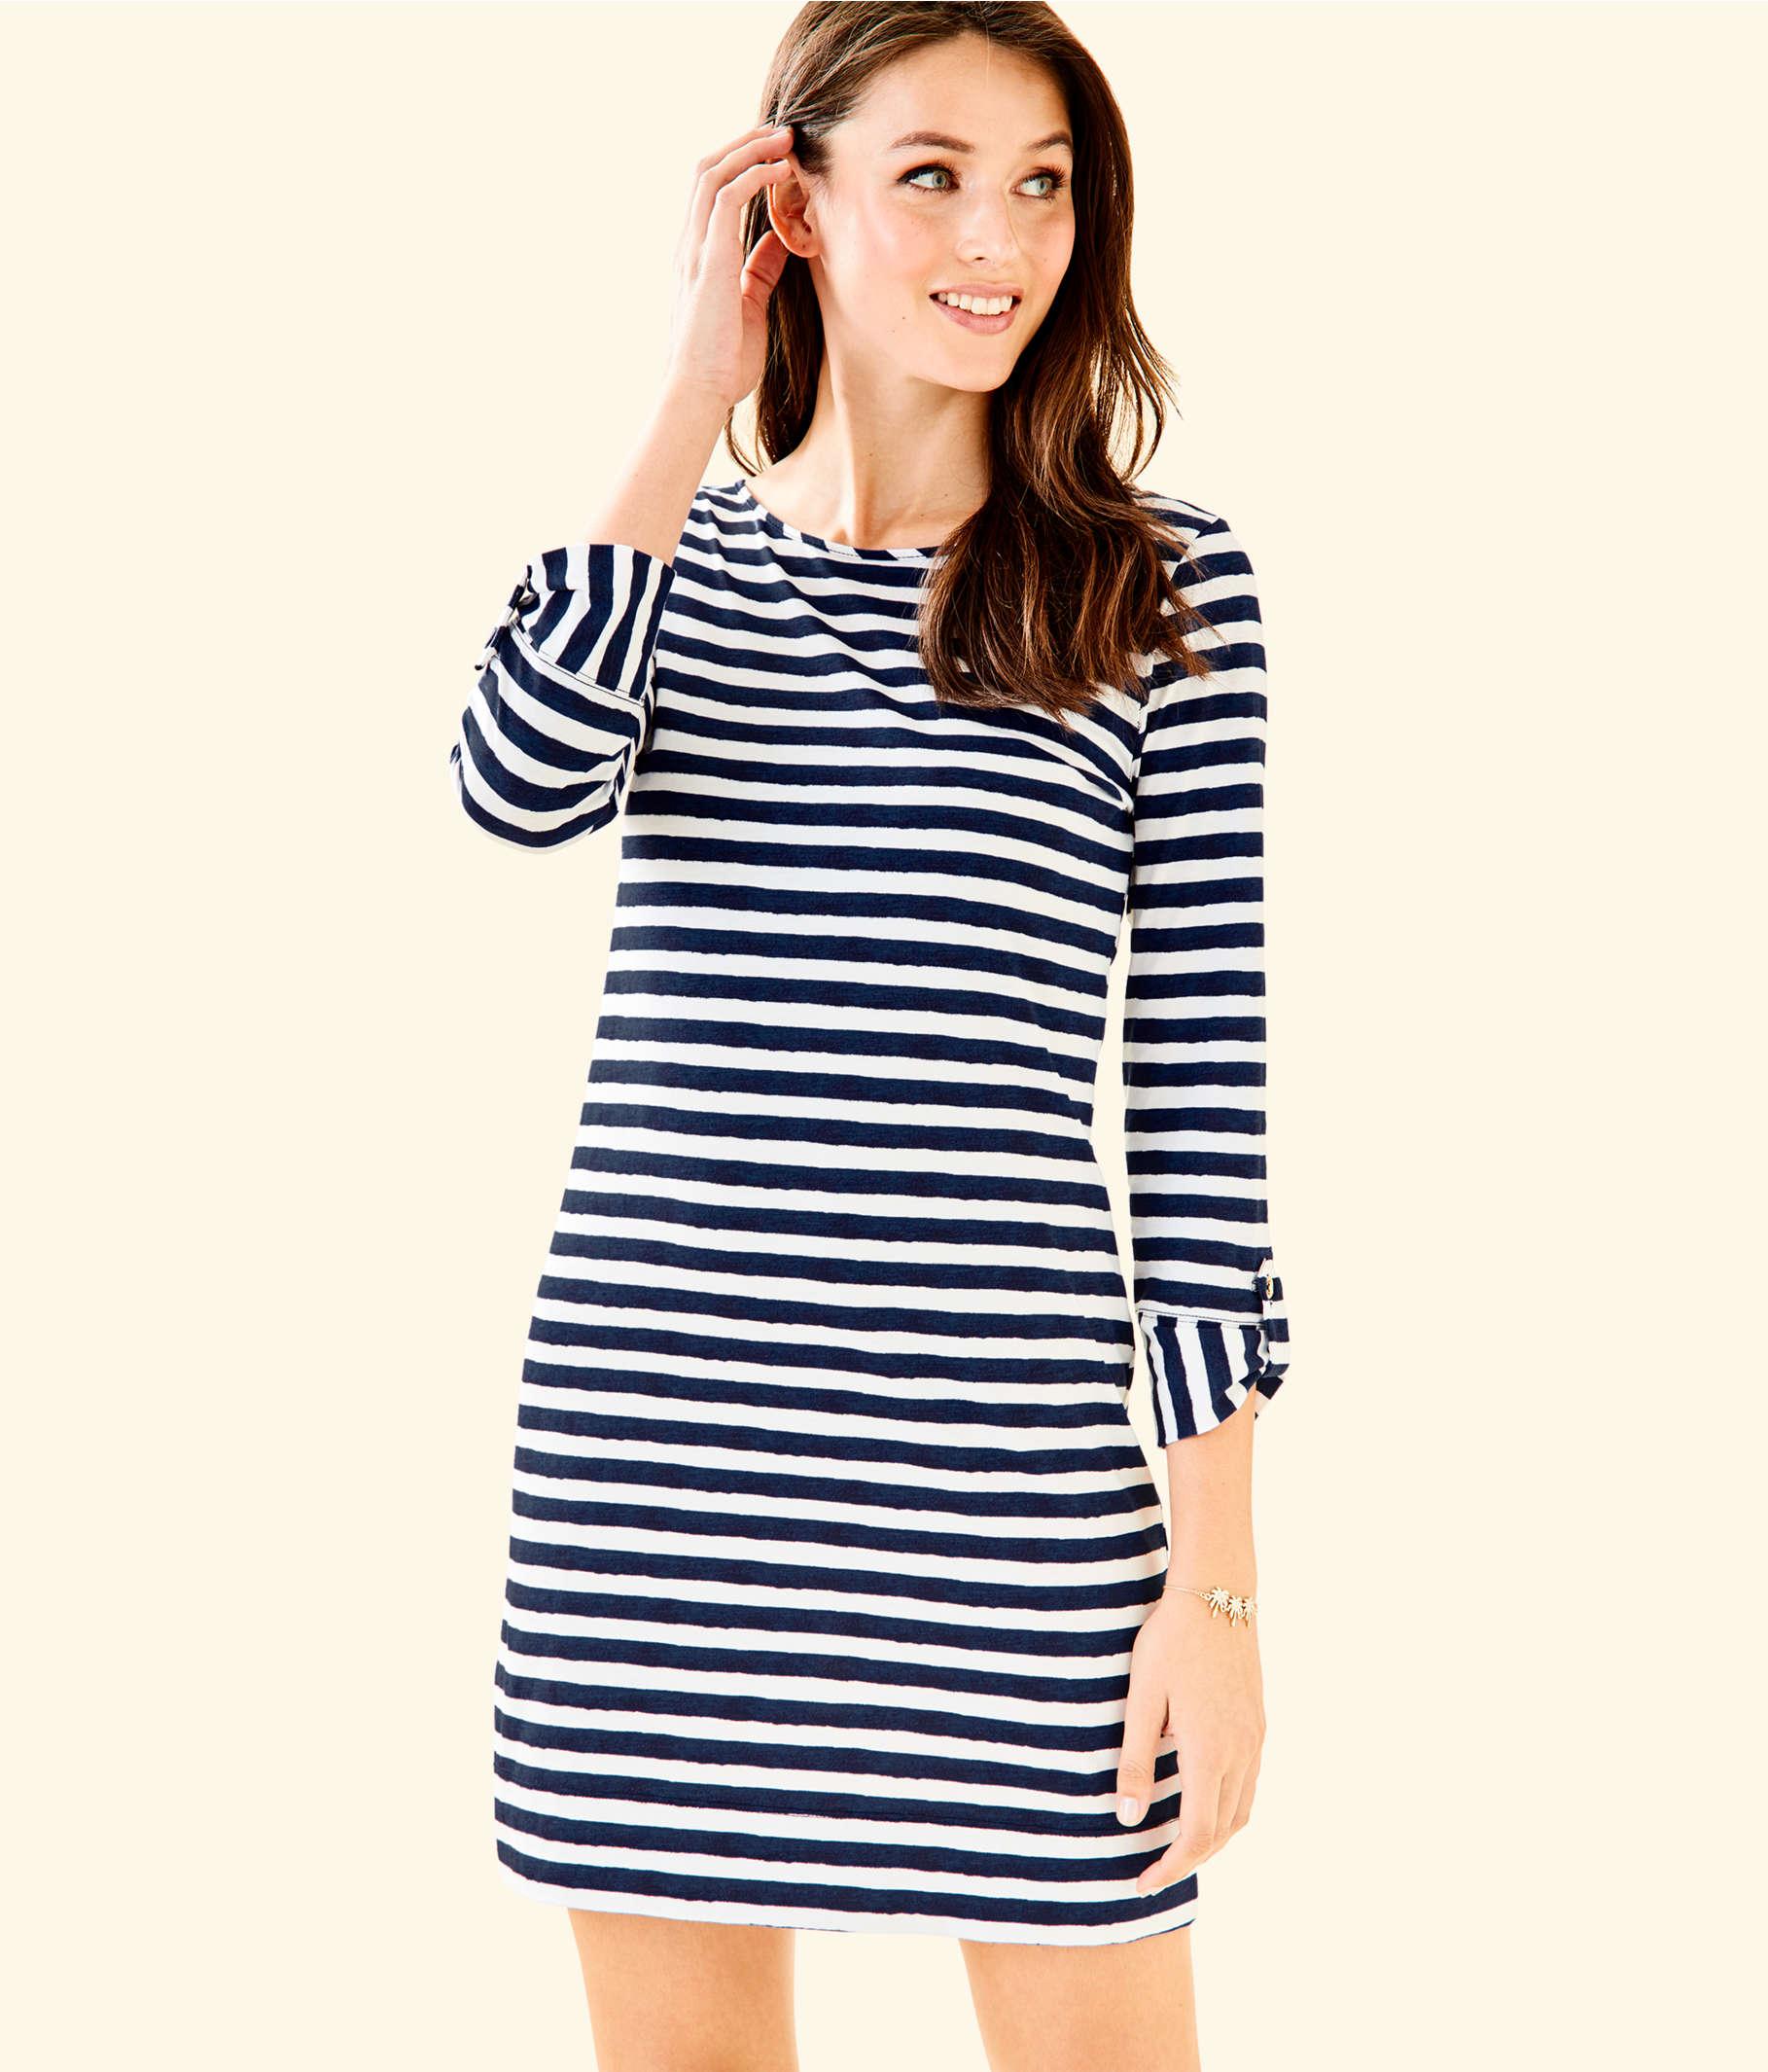 adb3abed8c ... Marlowe Striped T-Shirt Dress